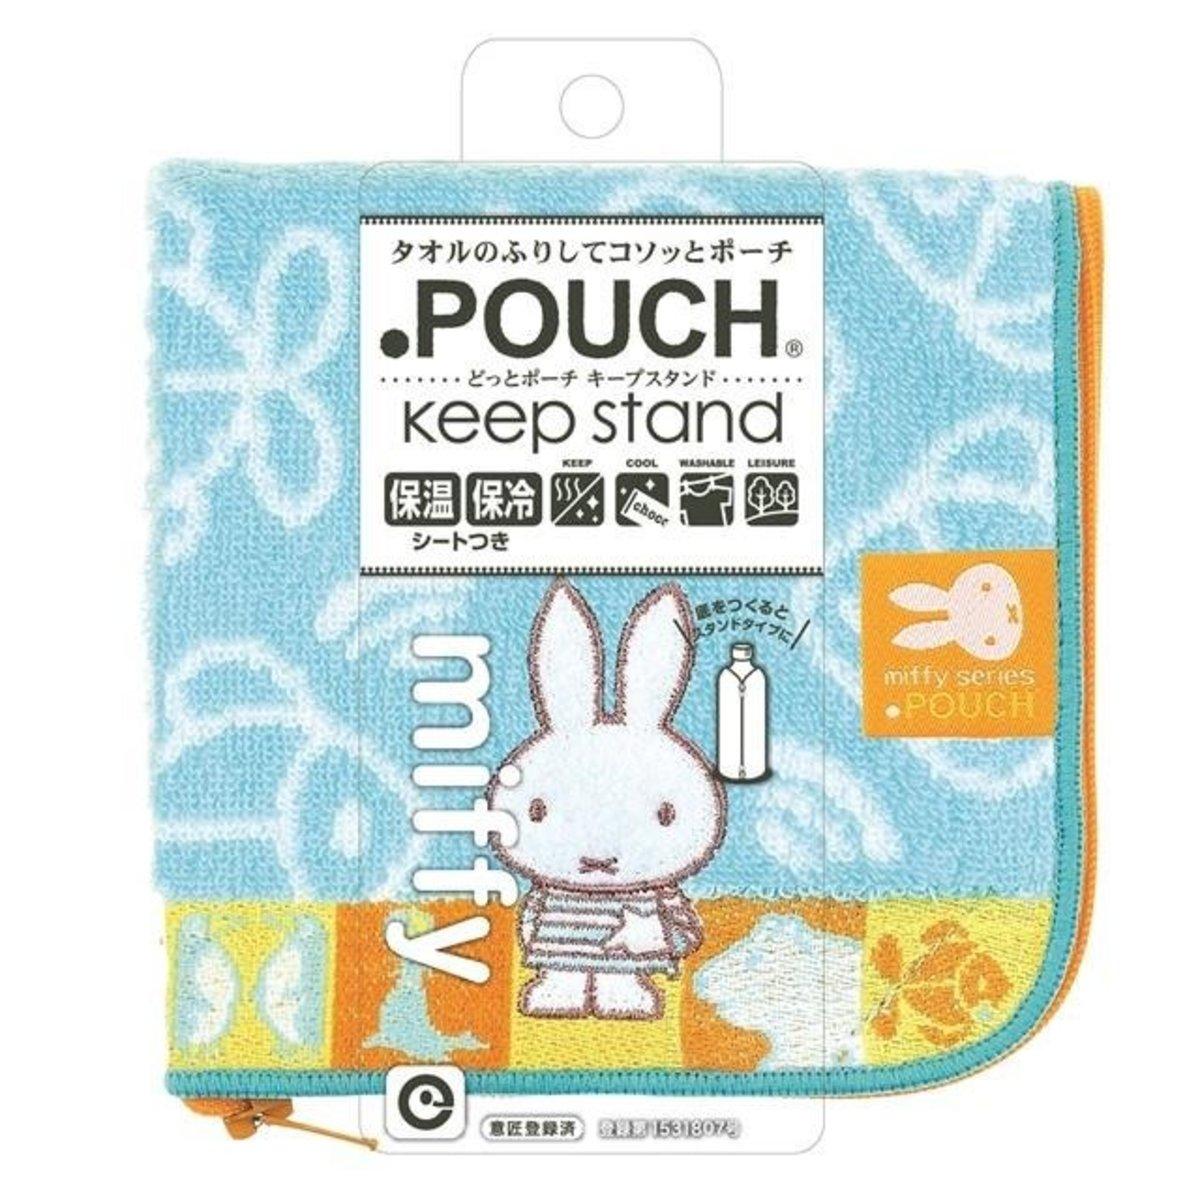 (粉藍Miffy) 日本超人氣卡通多用途 奶樽/水樽保温毛巾套